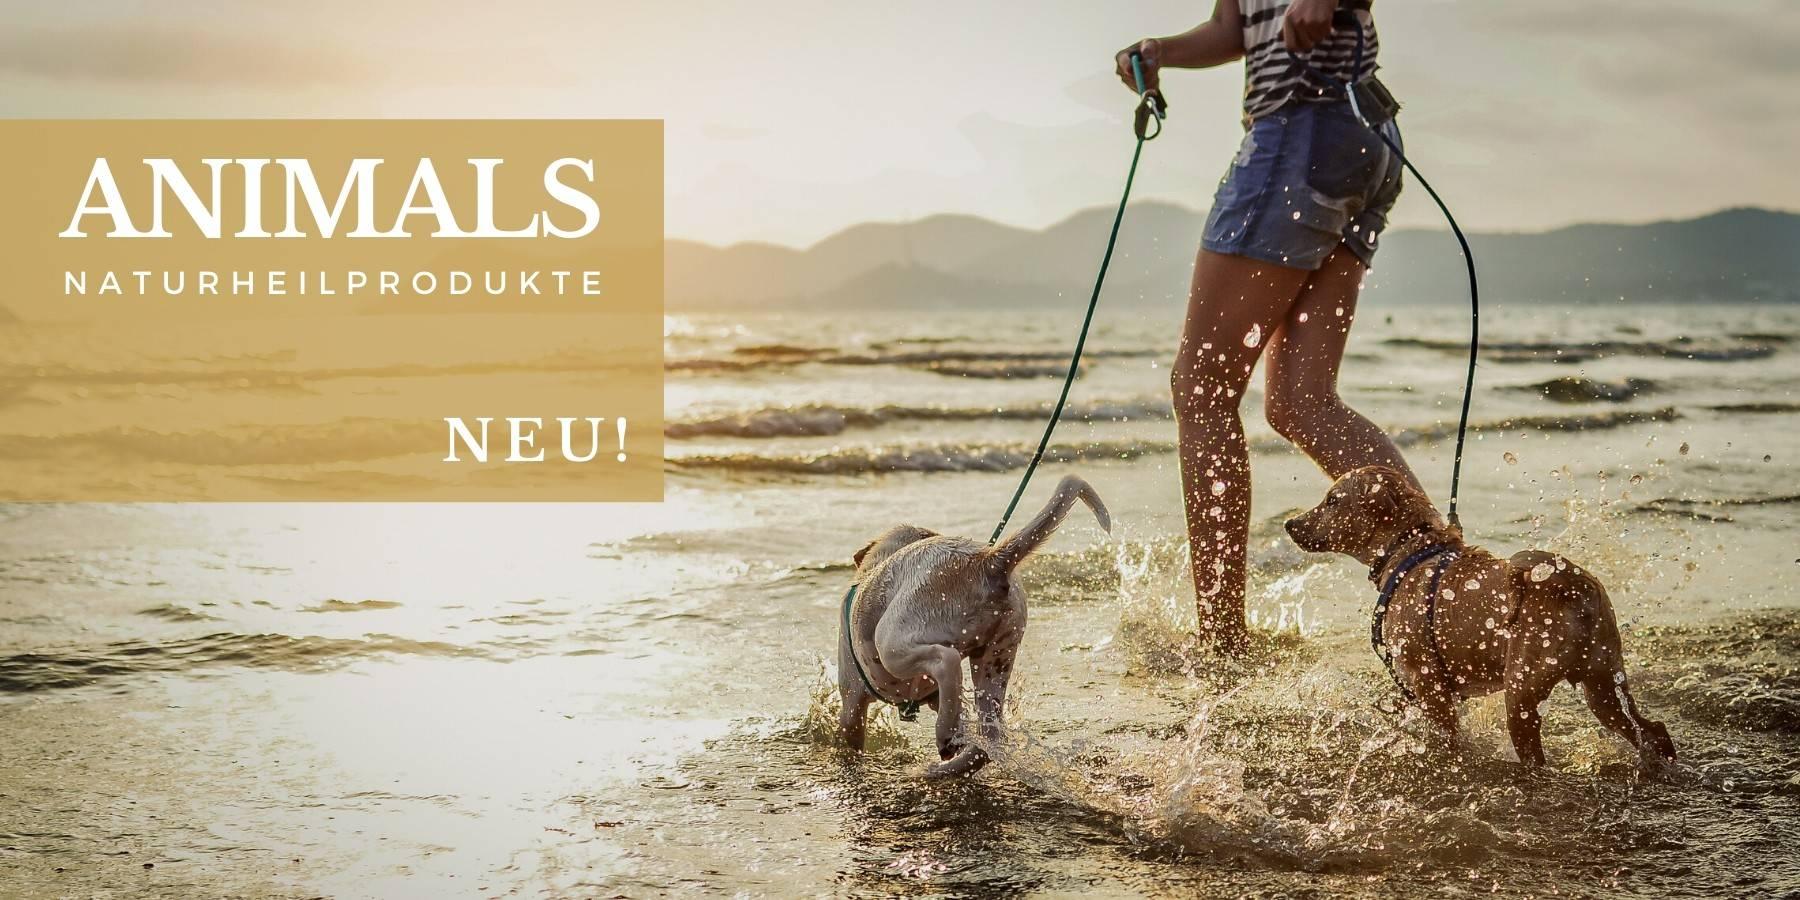 OSIRIUS® - ANIMALS - Naturheilmittel für Hunde, katzen, Vögel, Pferde, Haustiere, Tiere exklusiv mit Biopersonalisierung®